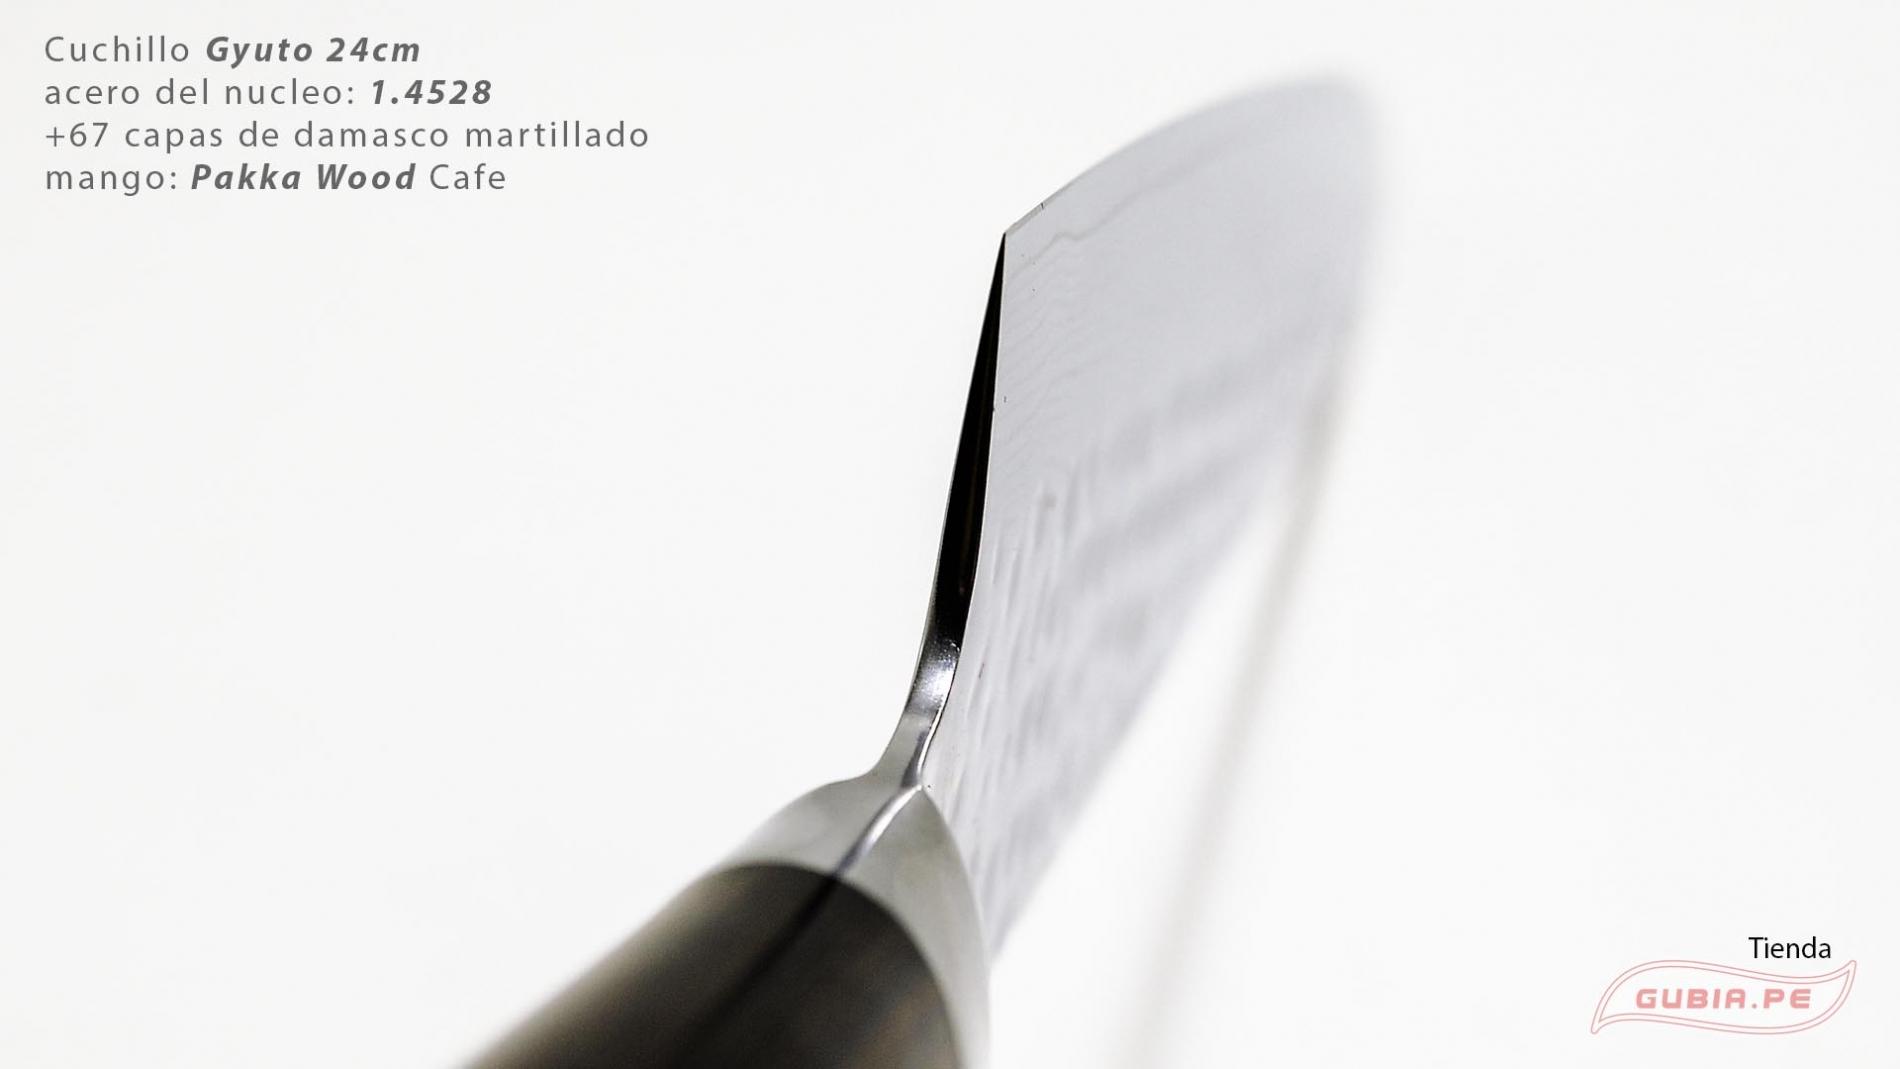 B1g24-Cuchillo Gyuto 24cm acero 1.4528+damasco Cafe B1g24-max-3.